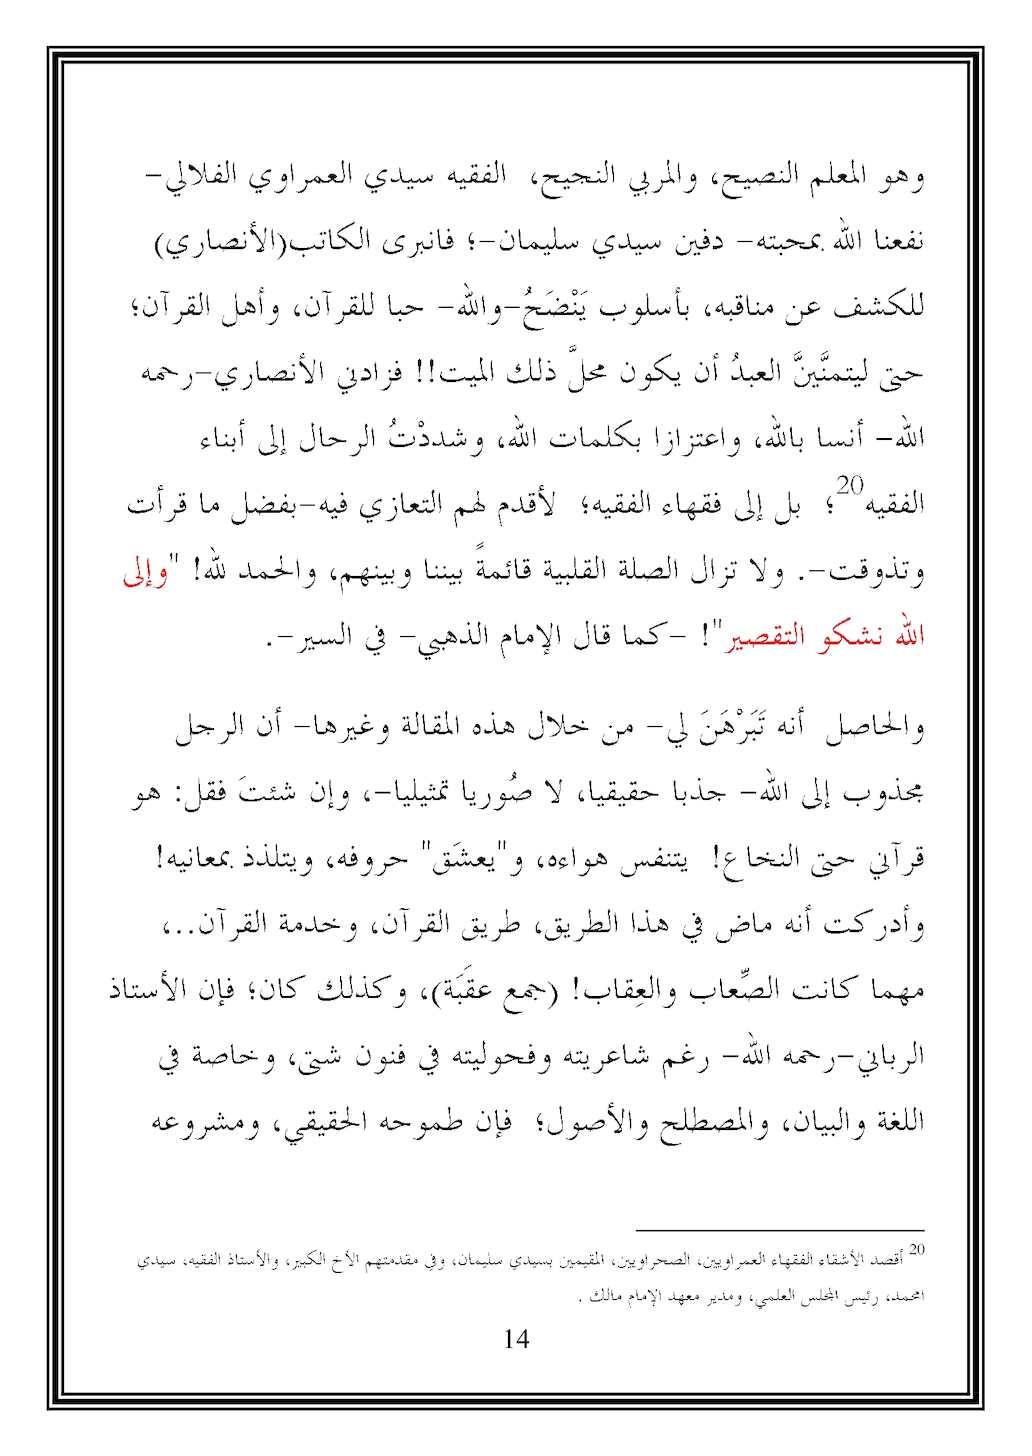 الشيخ الدكتور فريد الأنصاري والذكريات التي لا تنسى Calameo Downloader